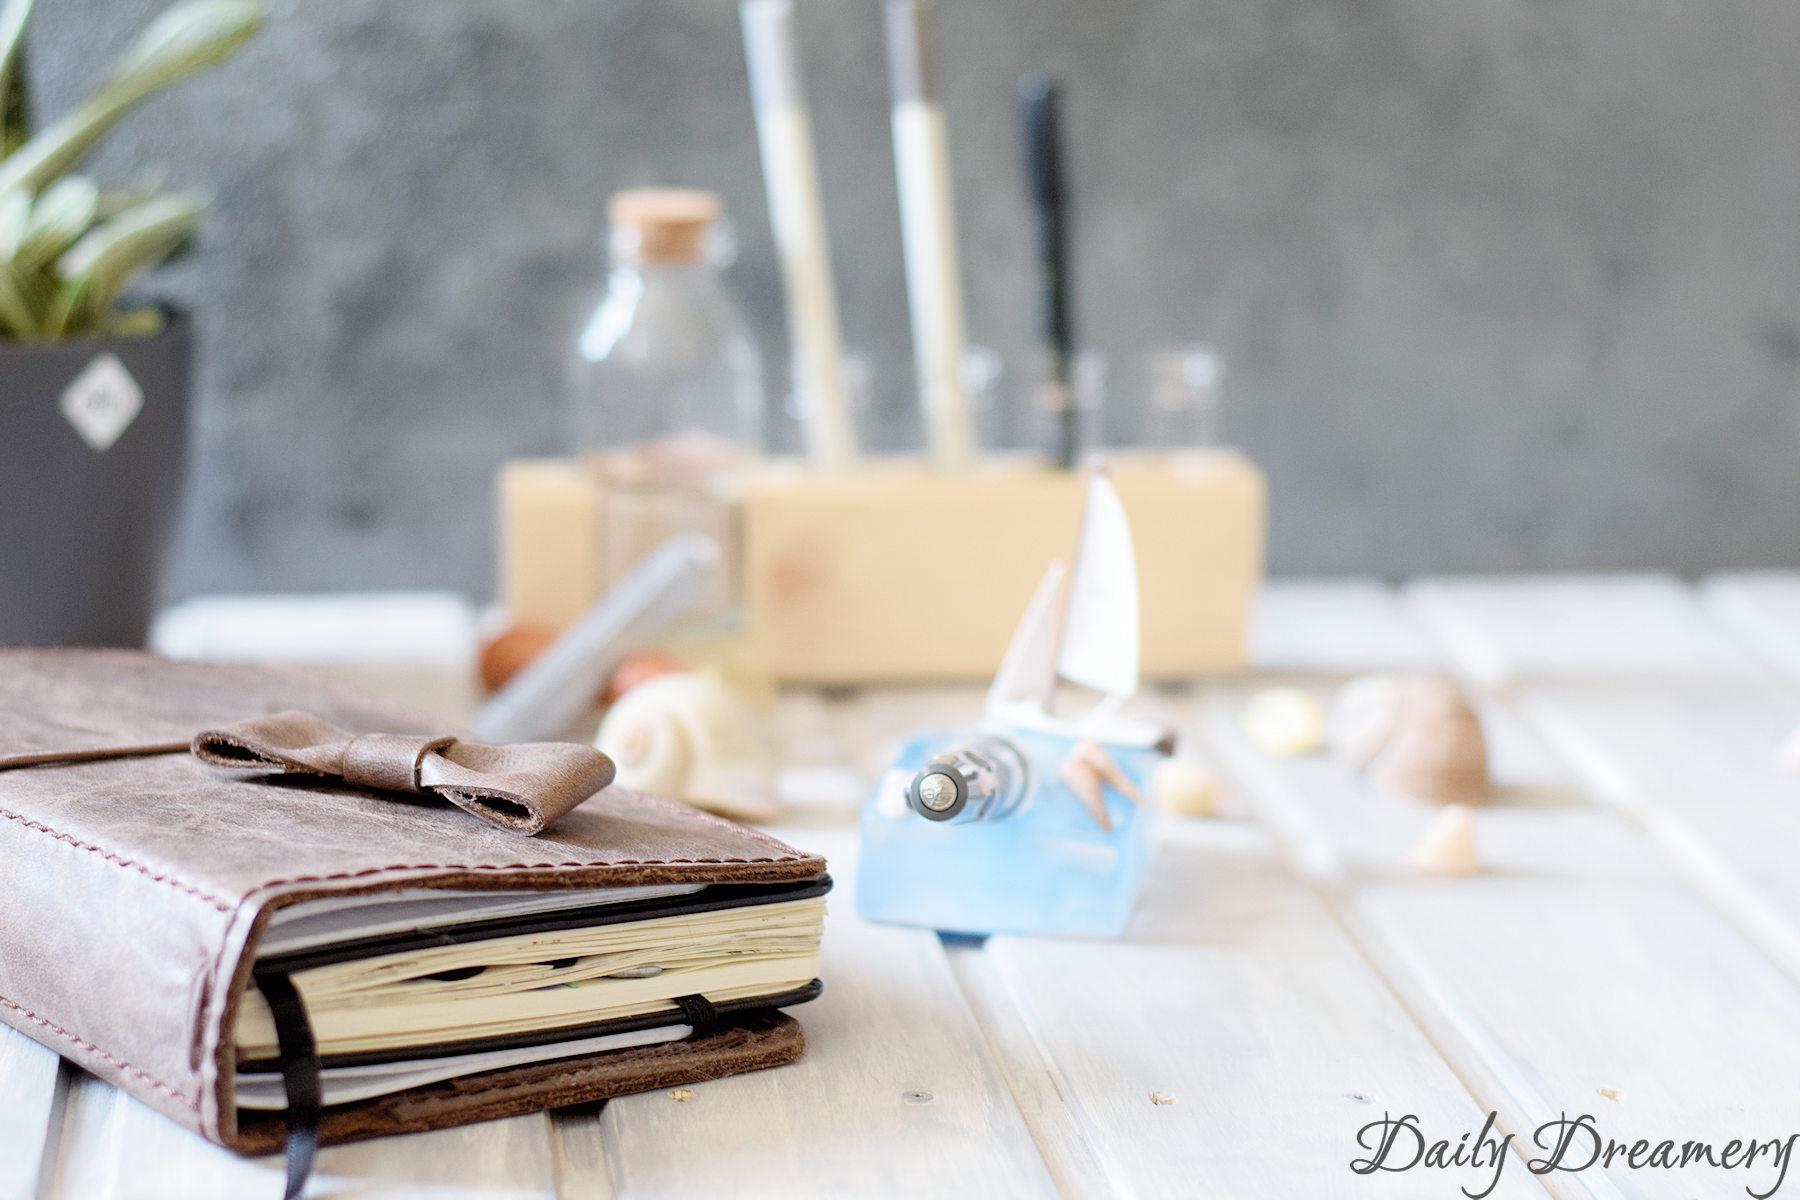 maritimer Stiftehalter, perfekt für Urlaubserinnerungen im Reisetagebuch oder als Schmuckstück auf dem Schreibtisch #diy #penholder #stiftehalter